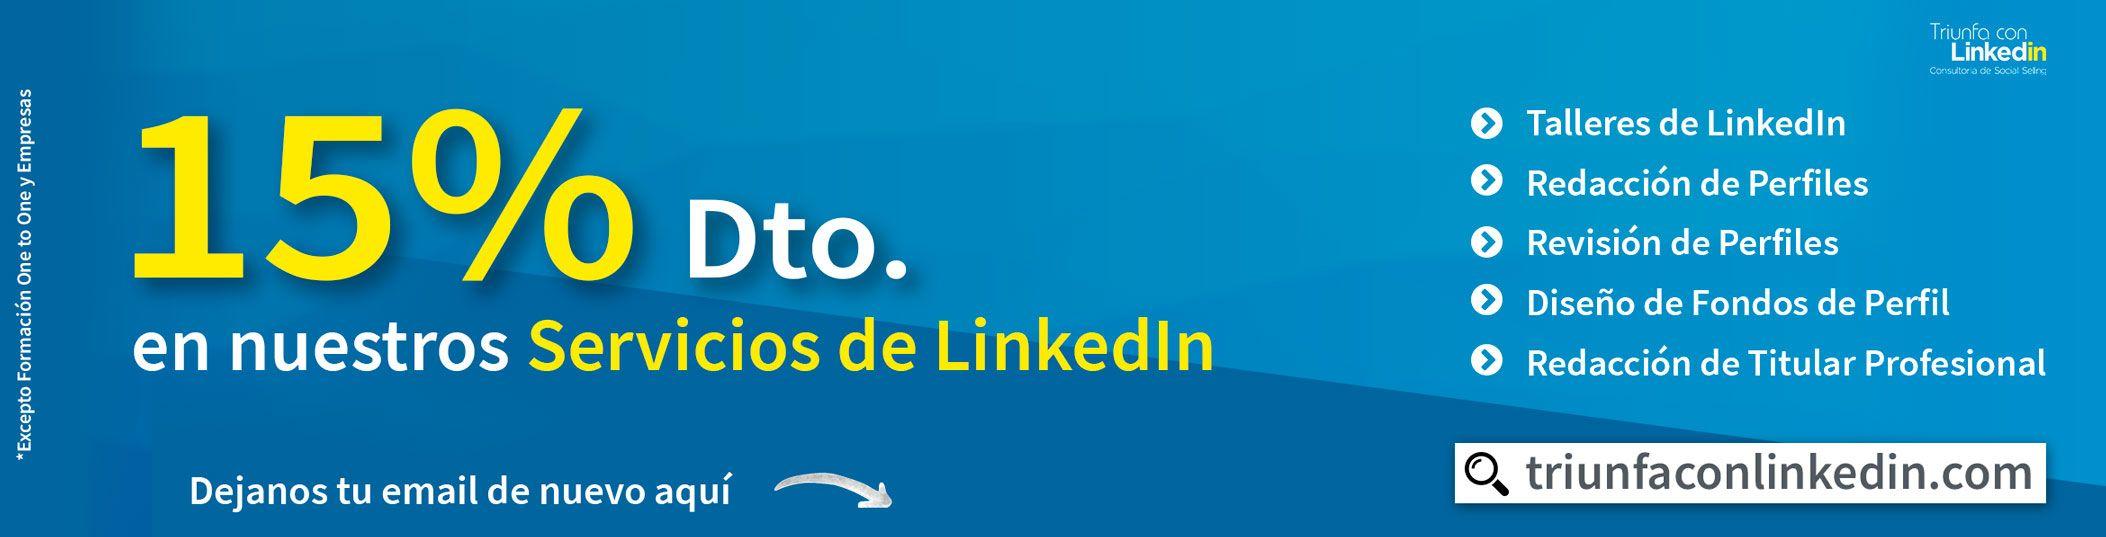 Servicios LinkedIn